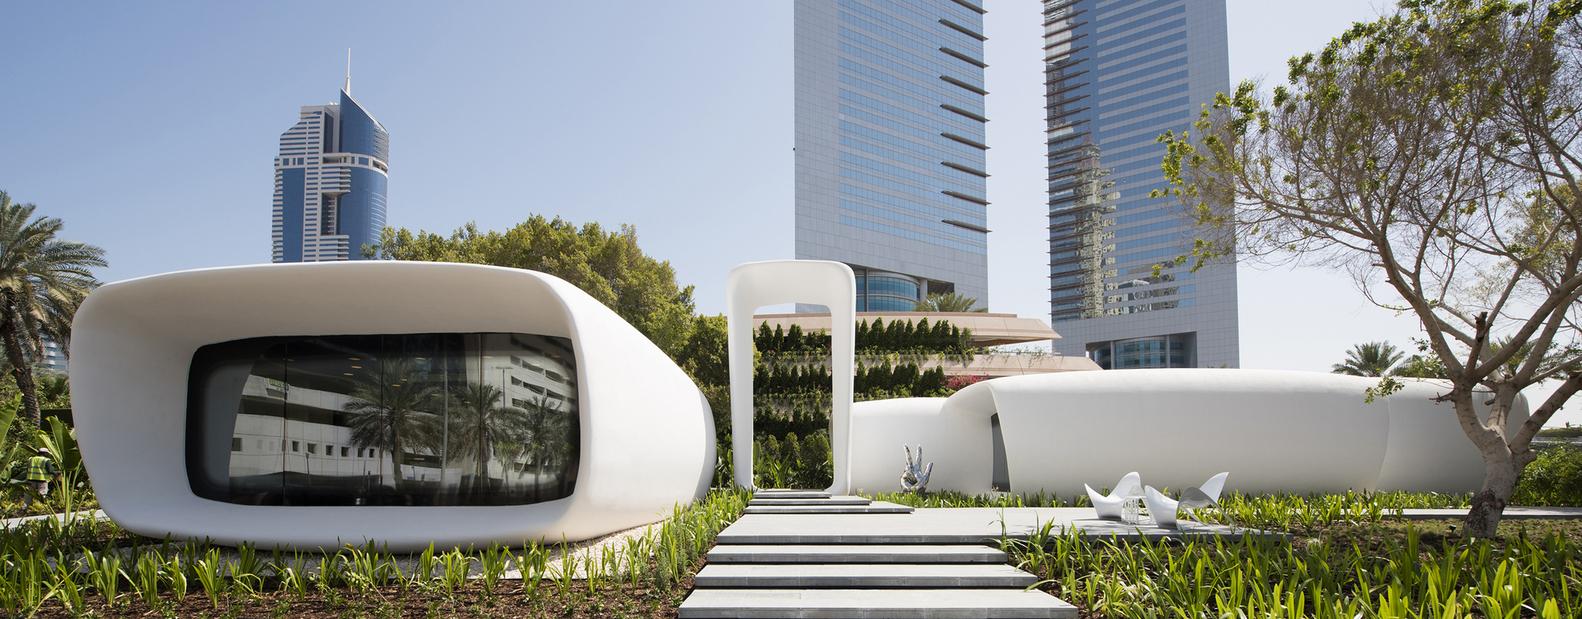 Dubai pretende ter 25% dos edifícios impressos em 3D até 2025